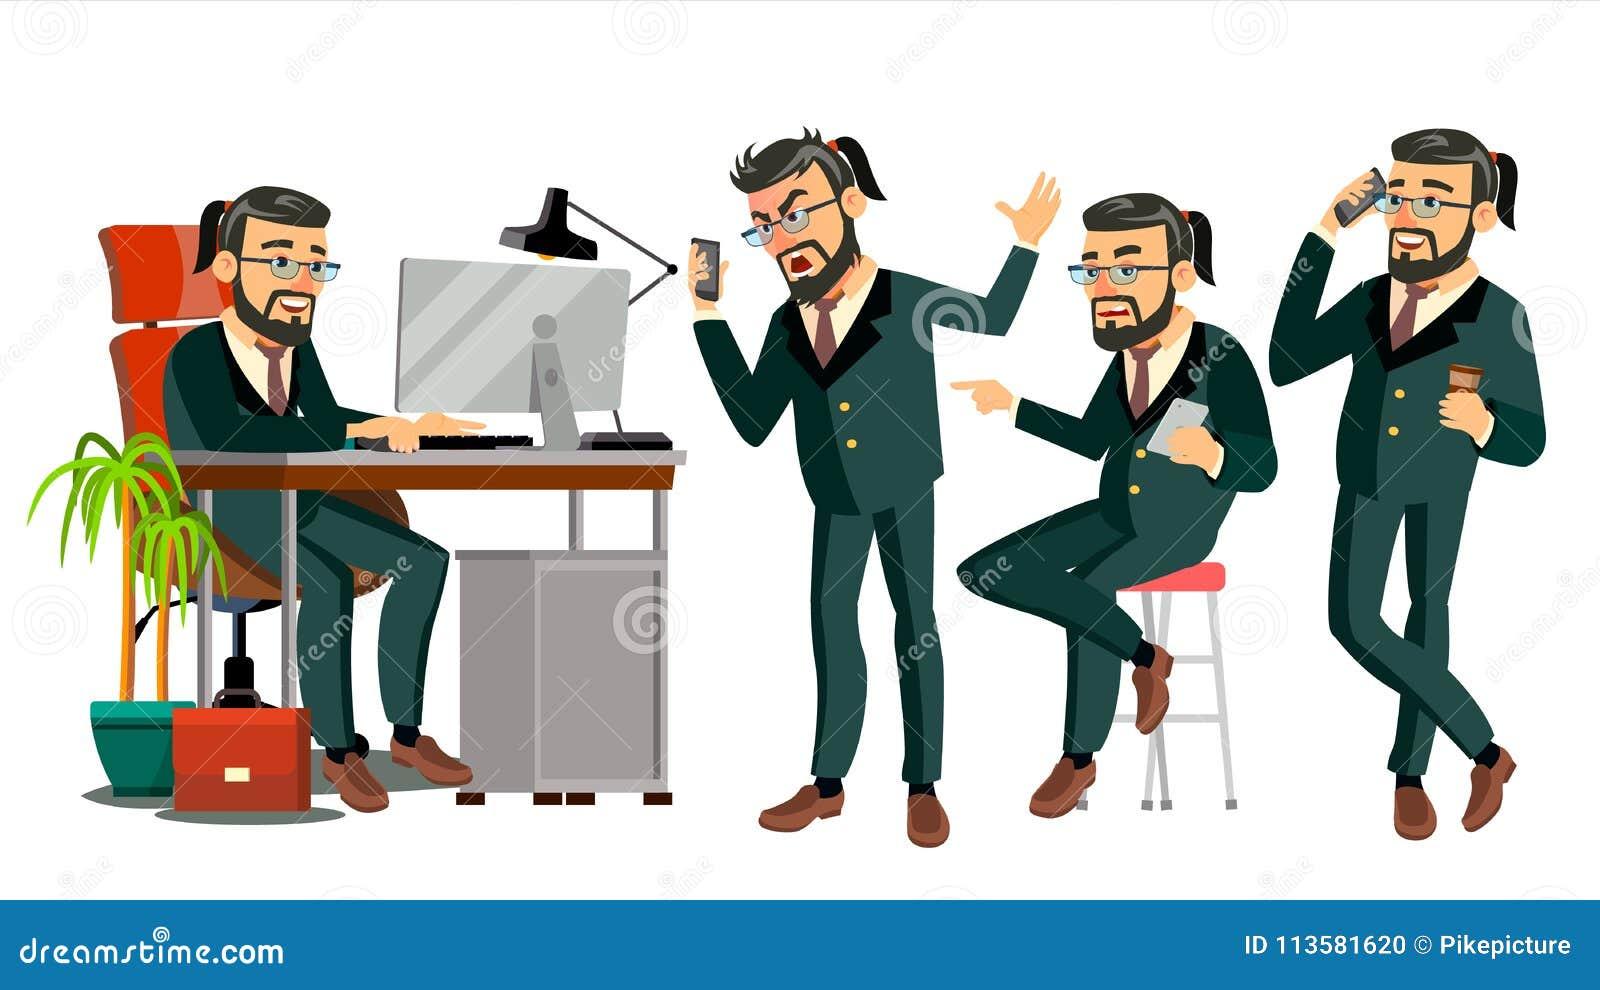 CEO Character Vector De Boss Empresa De Negocios Del Inicio De Las ...